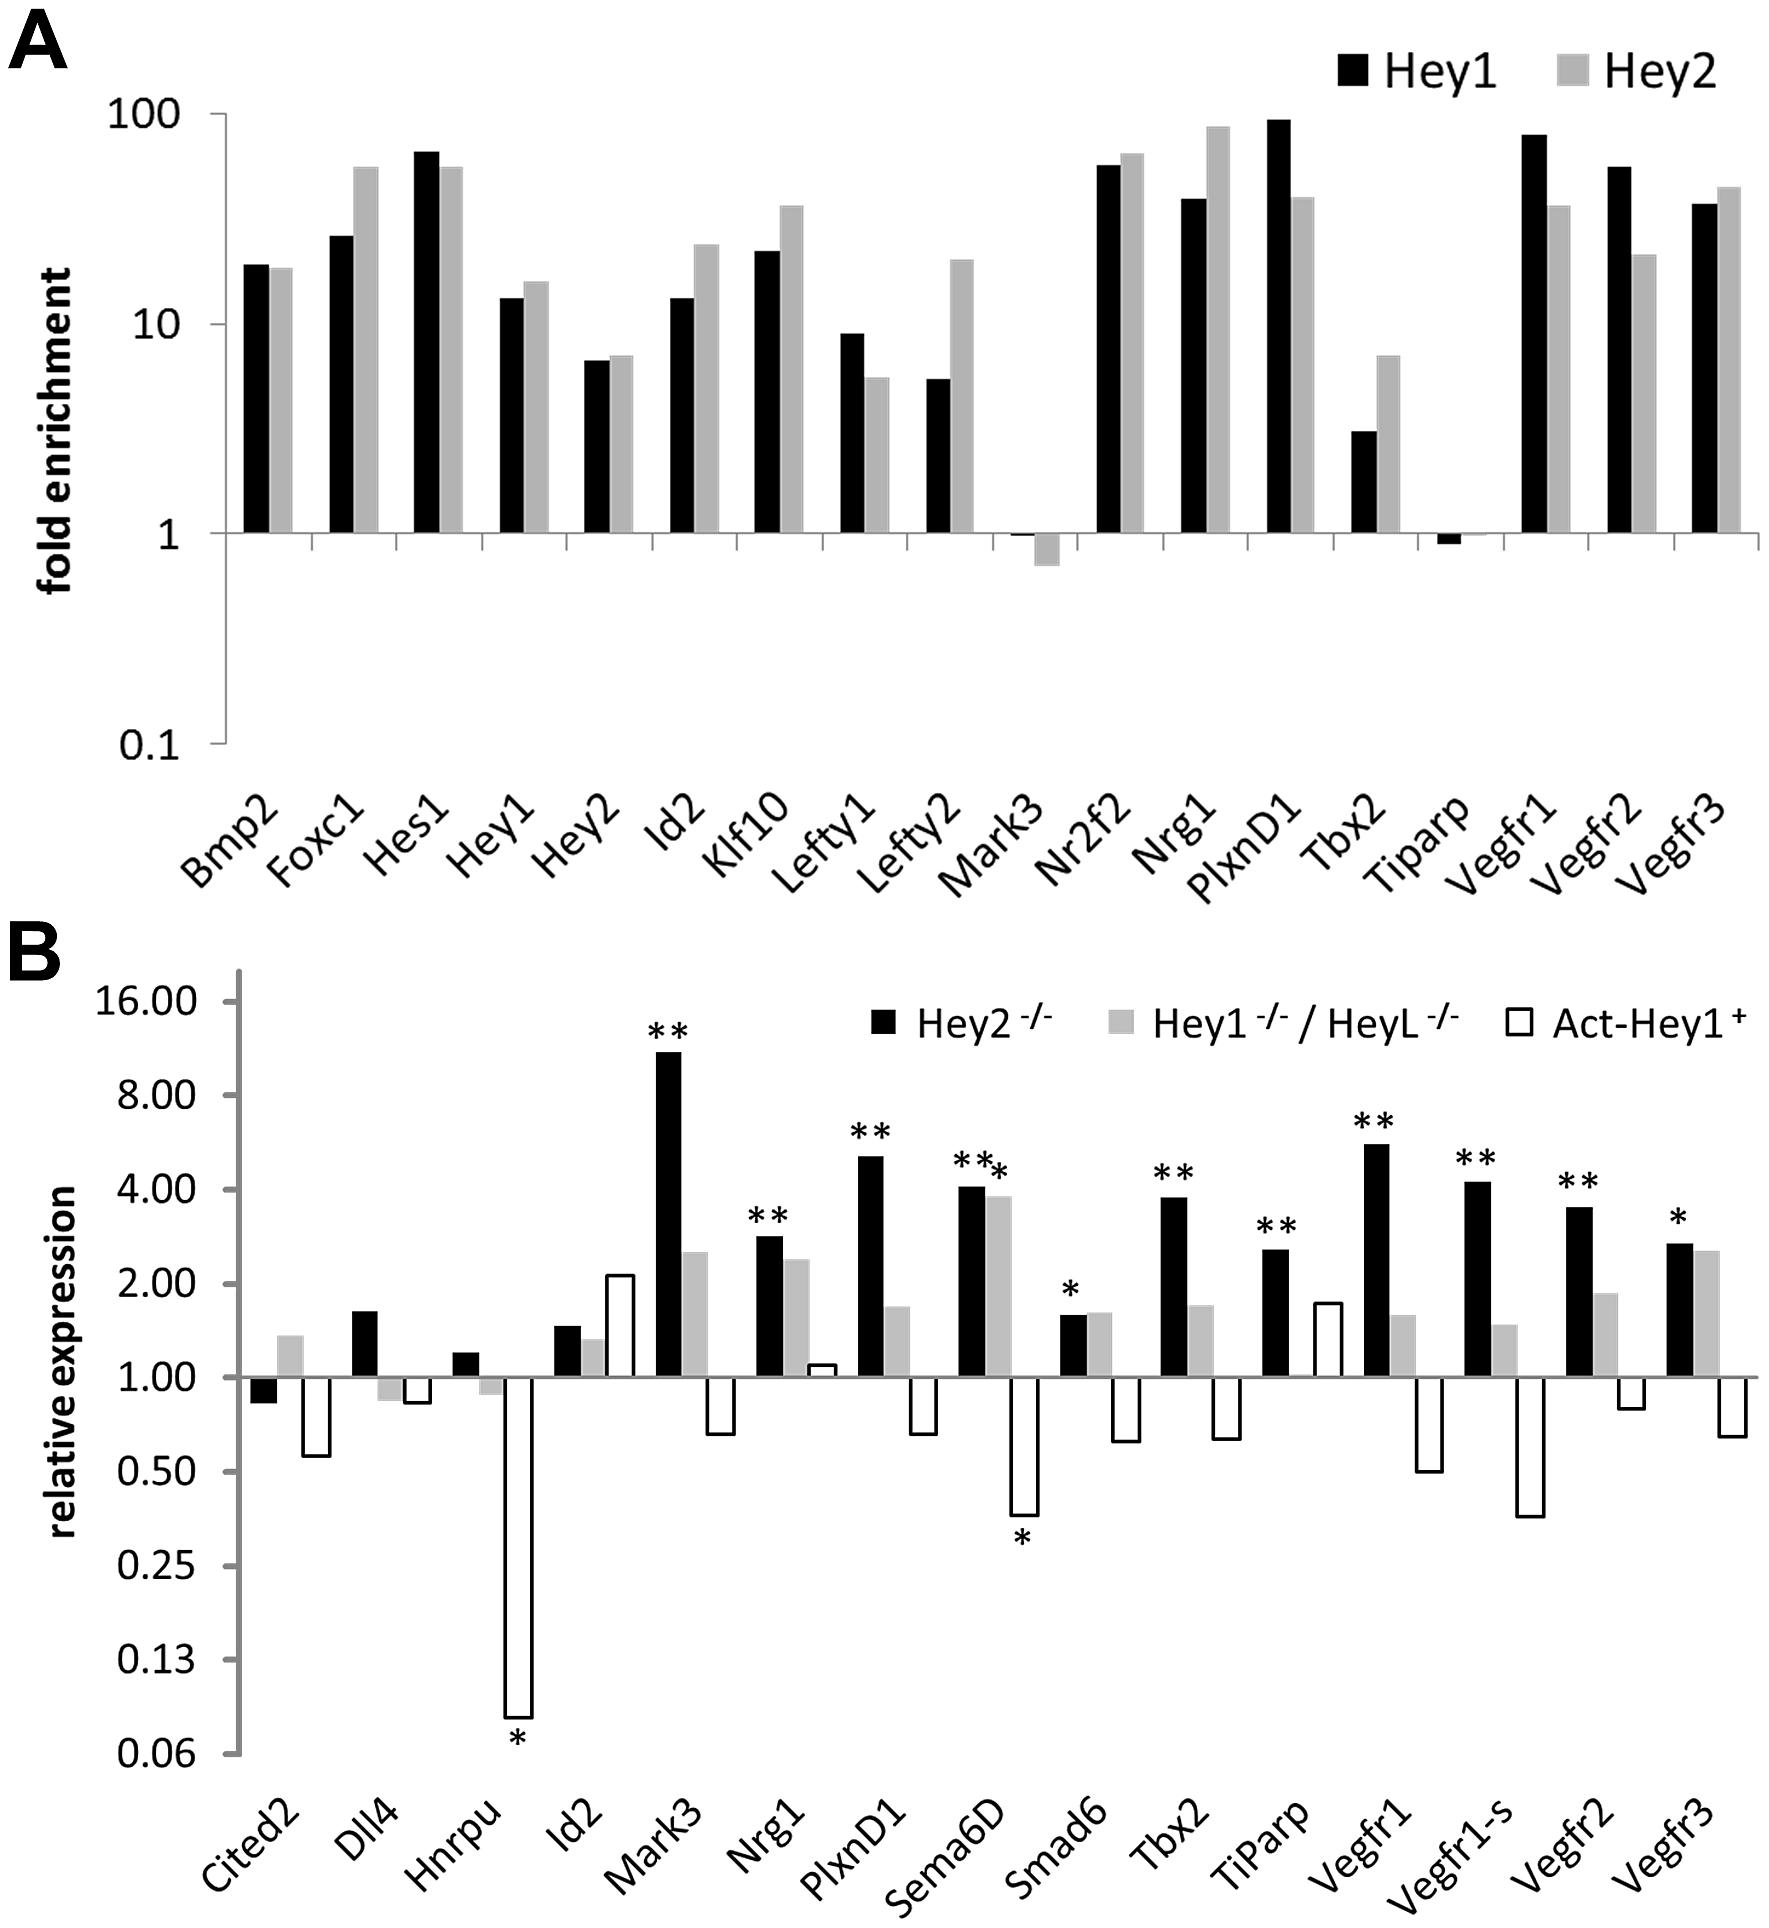 In vivo validation of HEY target genes.